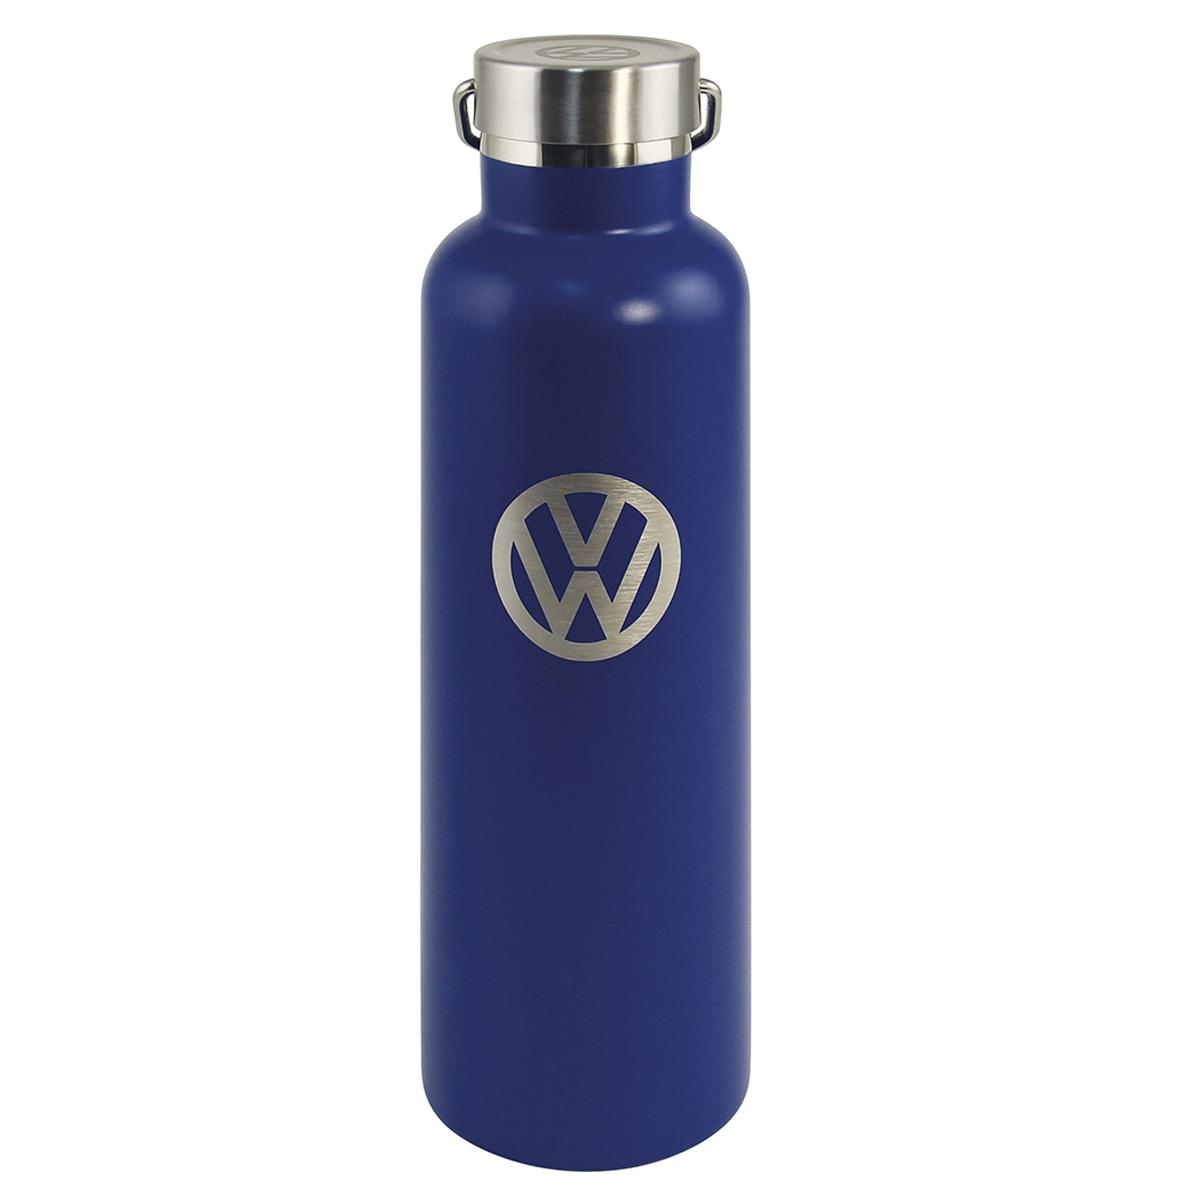 Bouteille isotherme design \'Volkswagen\' bleu gris vintage - 25x7 cm (735 cl) - [Q1991]